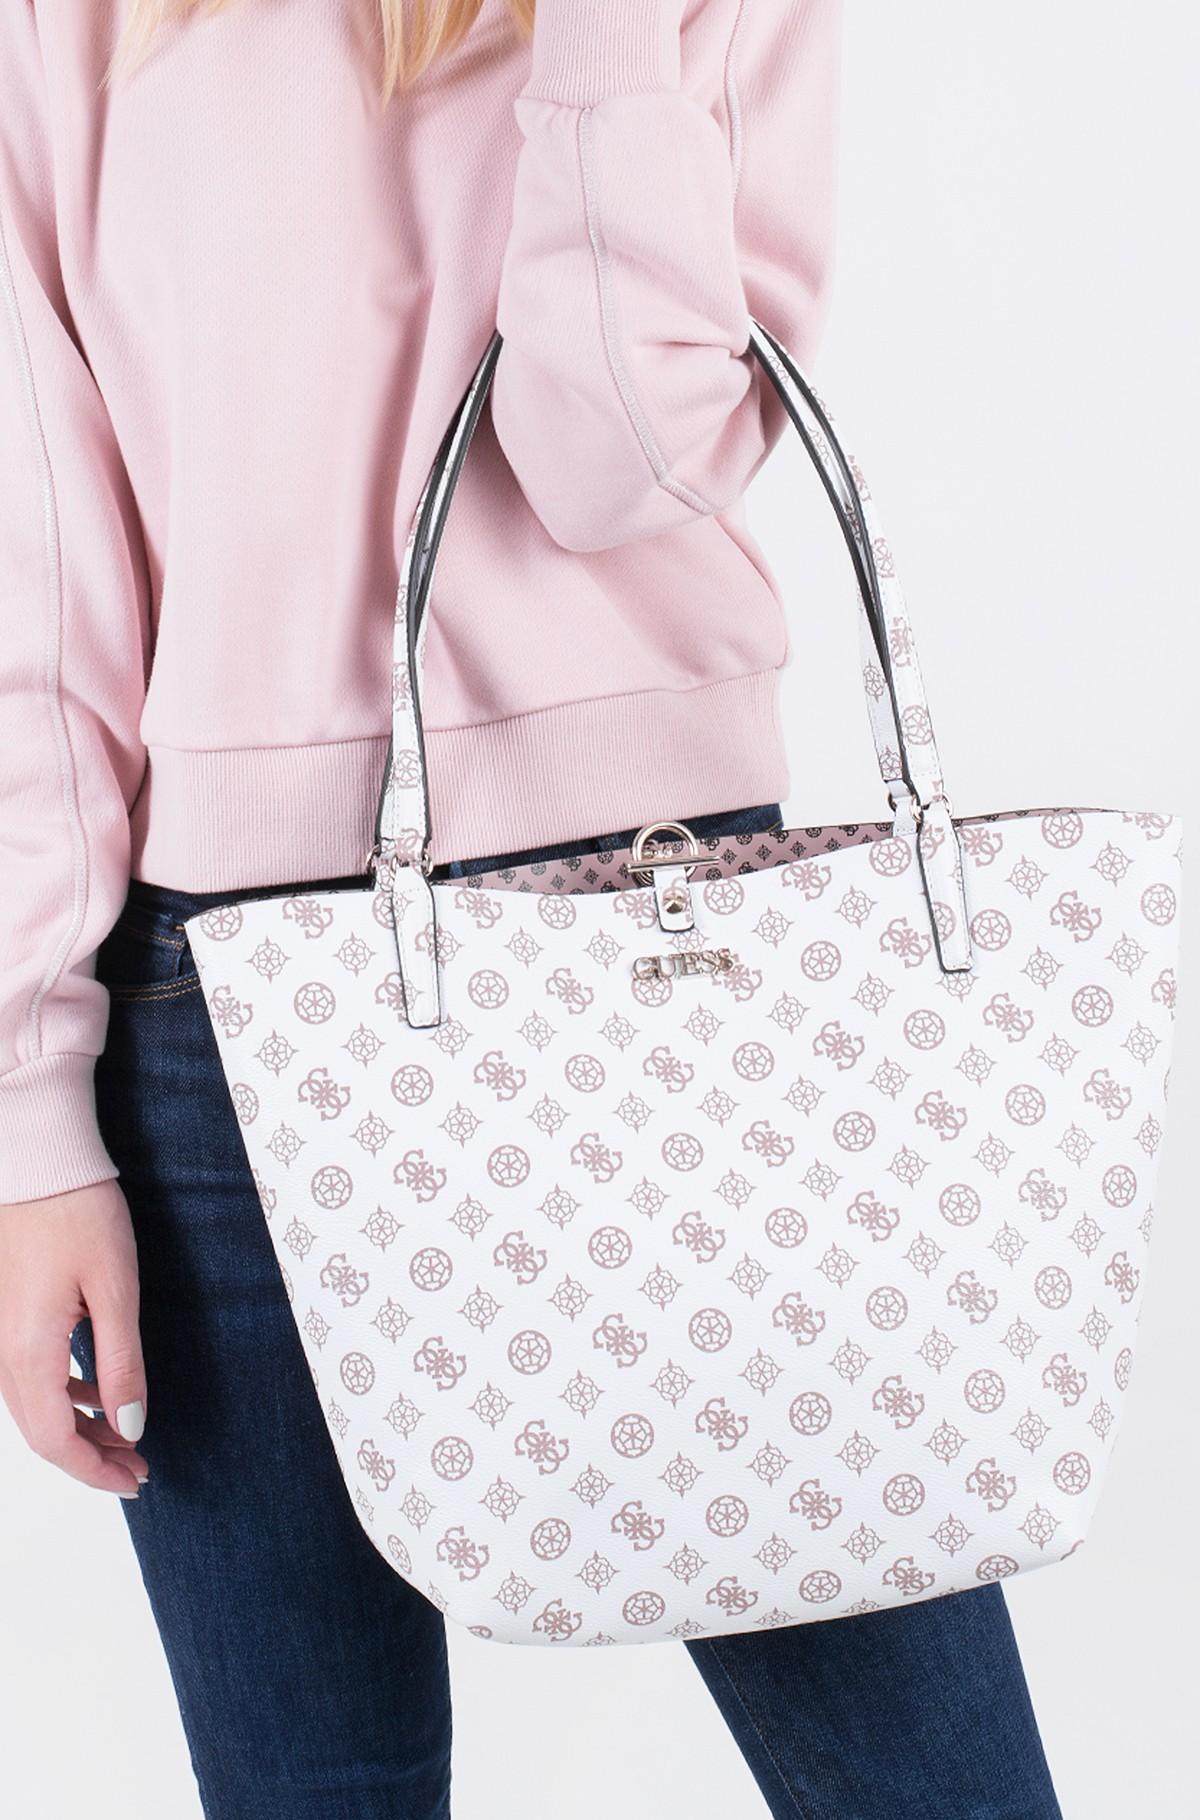 Handbag HWPG74 55230-full-1